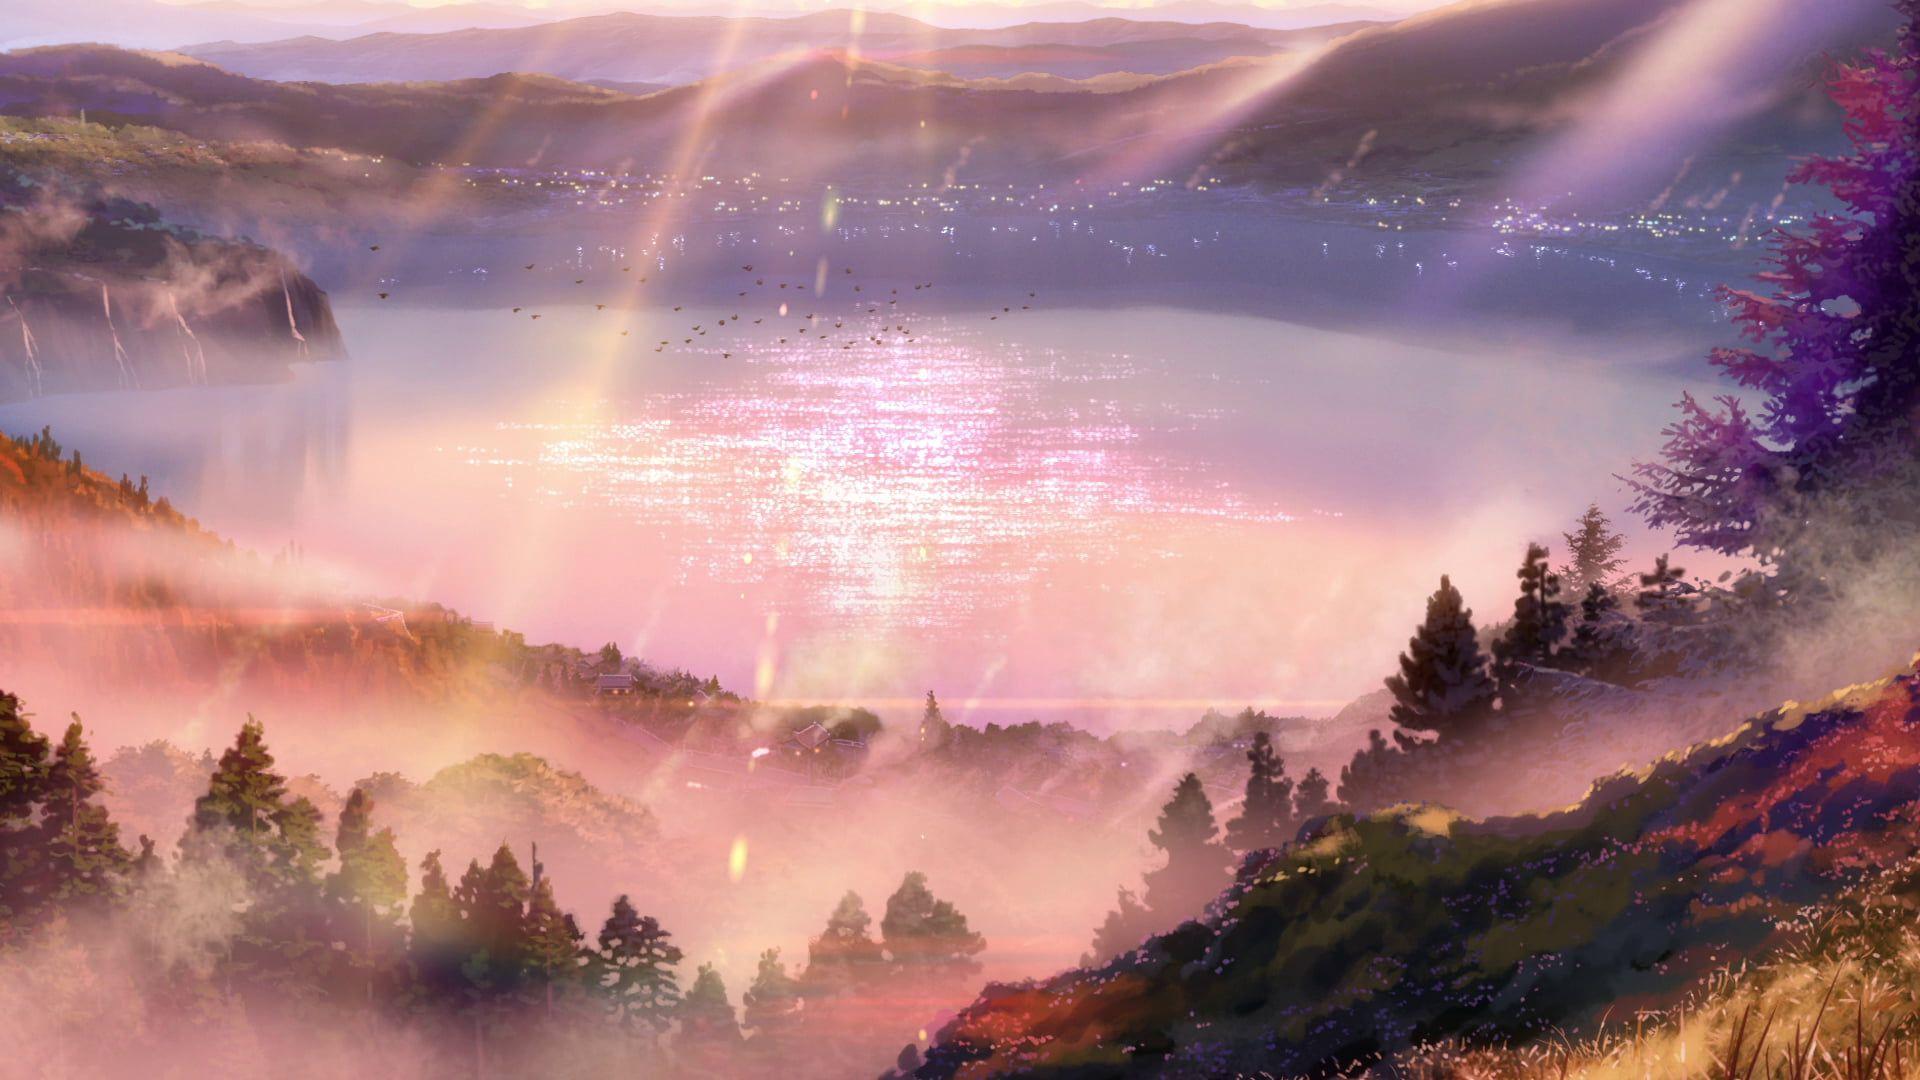 Lake And Trees Kimi No Na Wa Your Name Landscape Mountains Realistic Field Mist Water Lake 1080p Wallpaper In 2020 Your Name Anime Anime Scenery Kimi No Na Wa